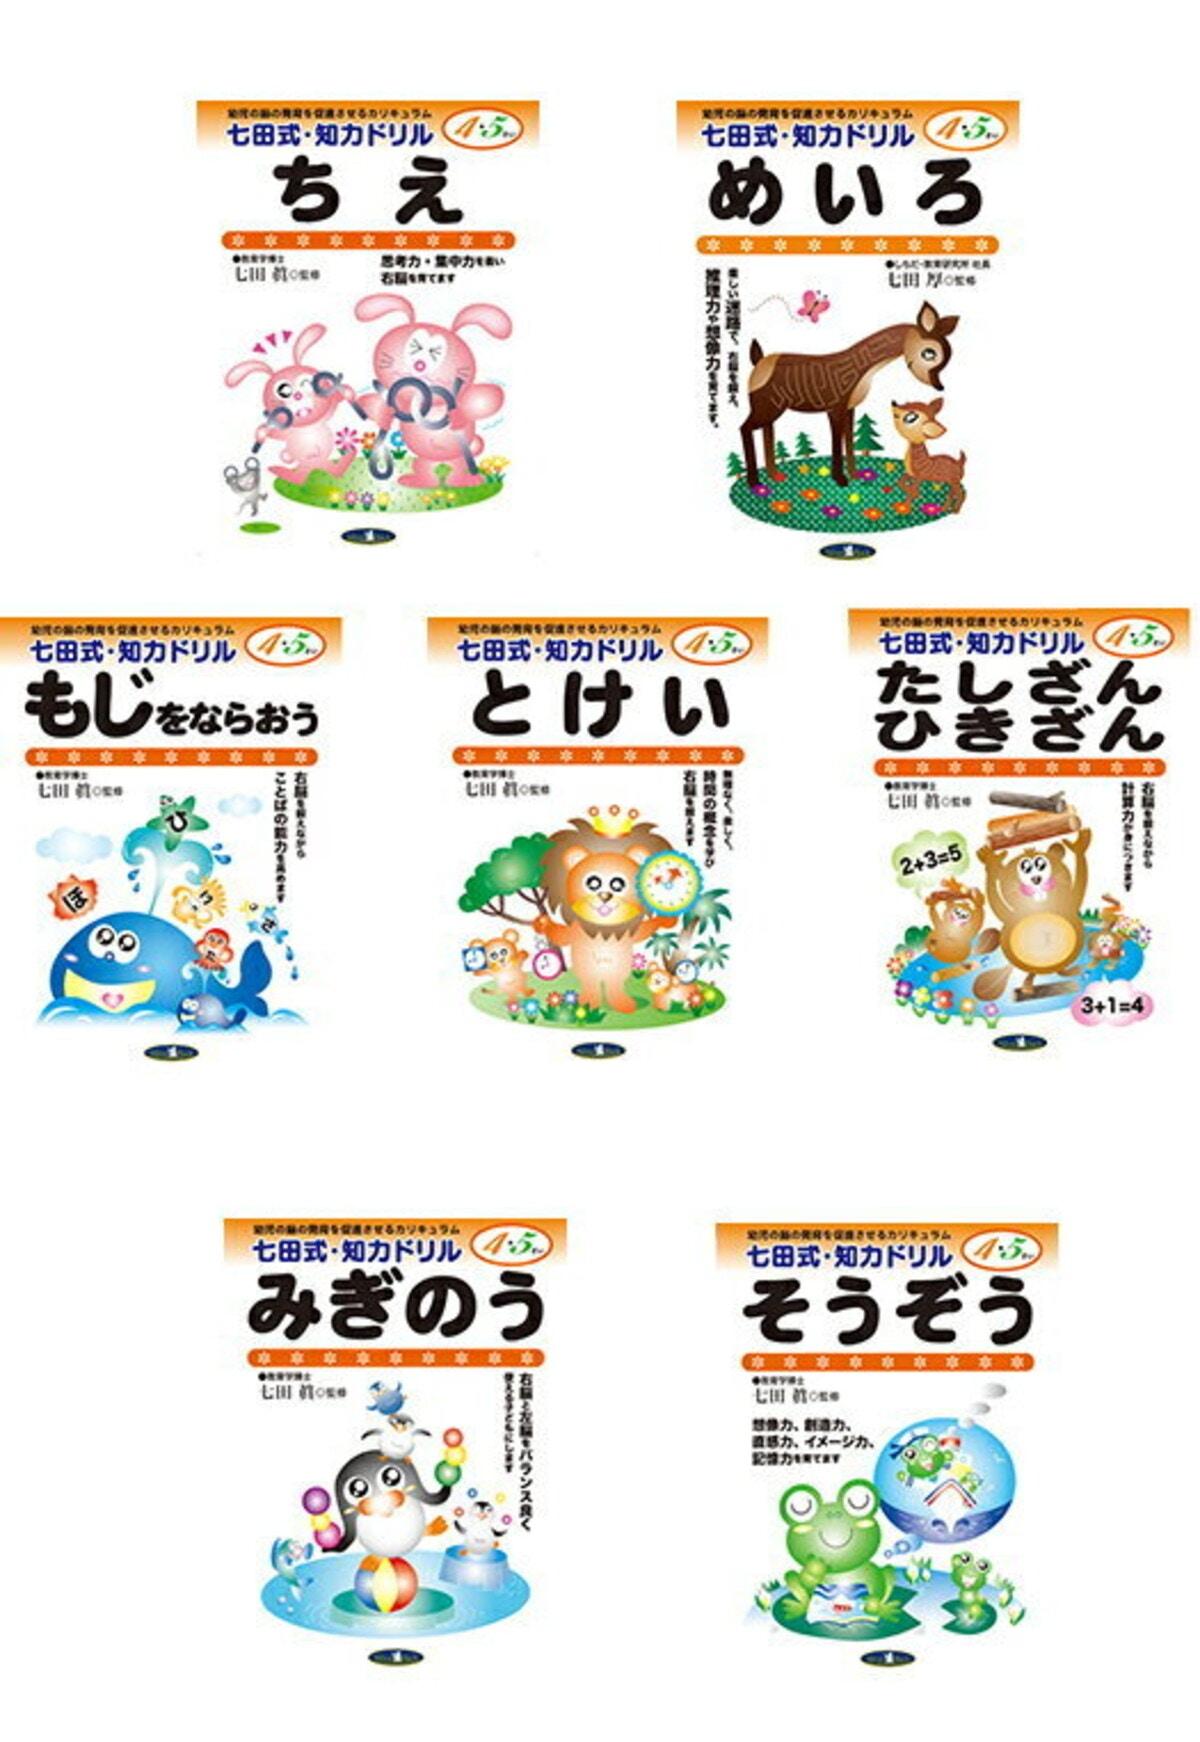 七田式・知力ドリル【4・5歳】 7冊セット